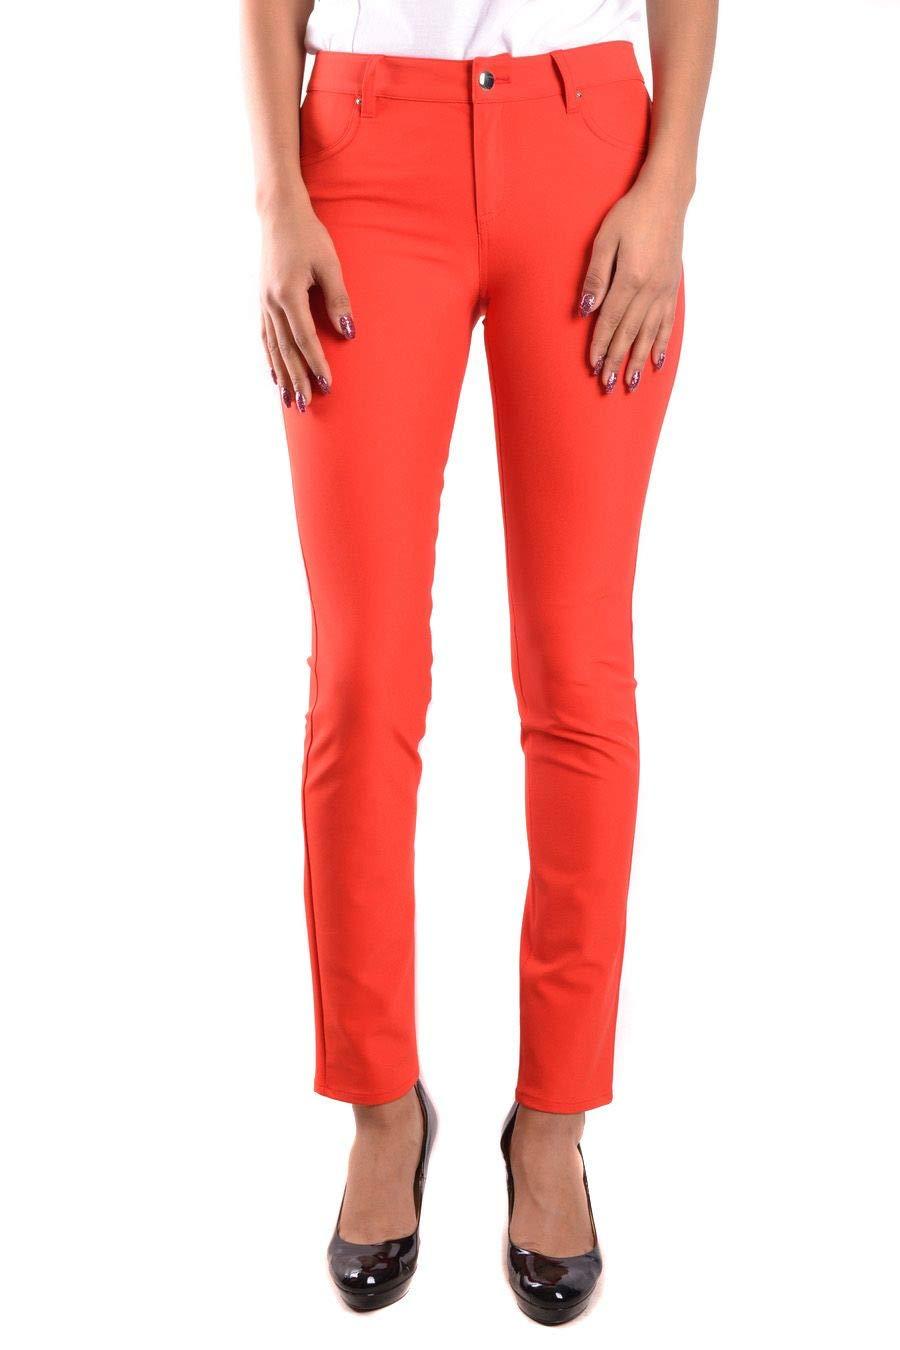 Pinko Women's UMILER23 Red Polyamide Pants